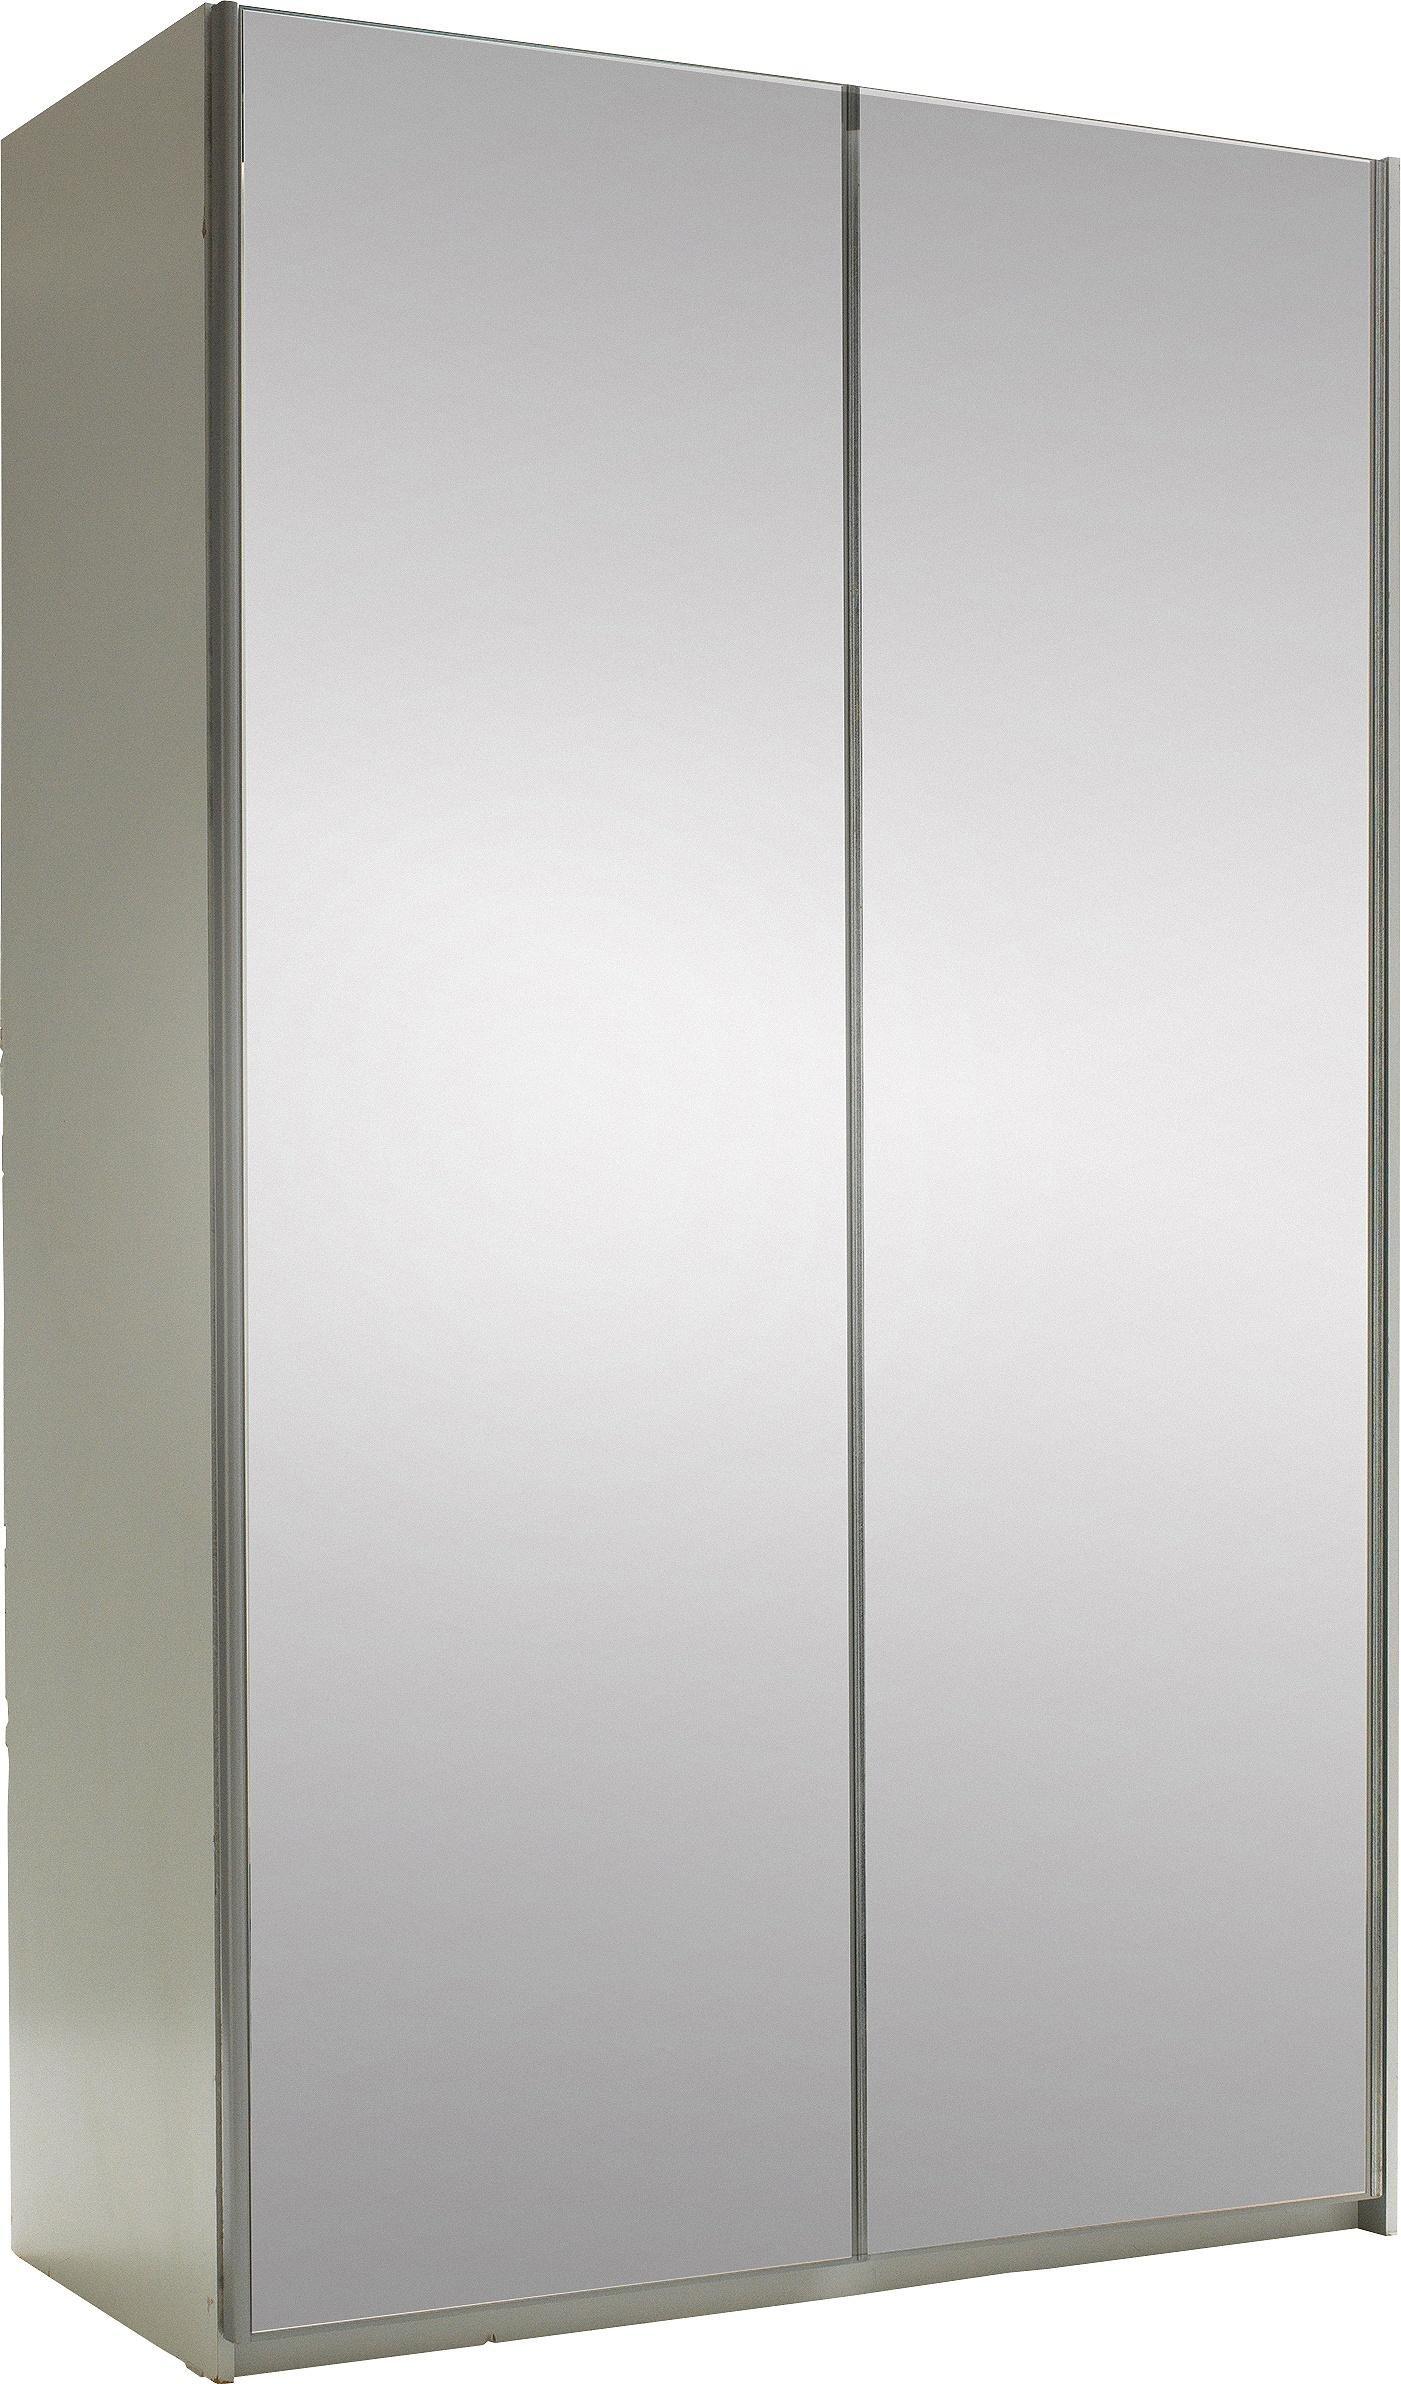 Argos Home Bergen White 2Dr Medium Mirrored Sliding Wardrobe